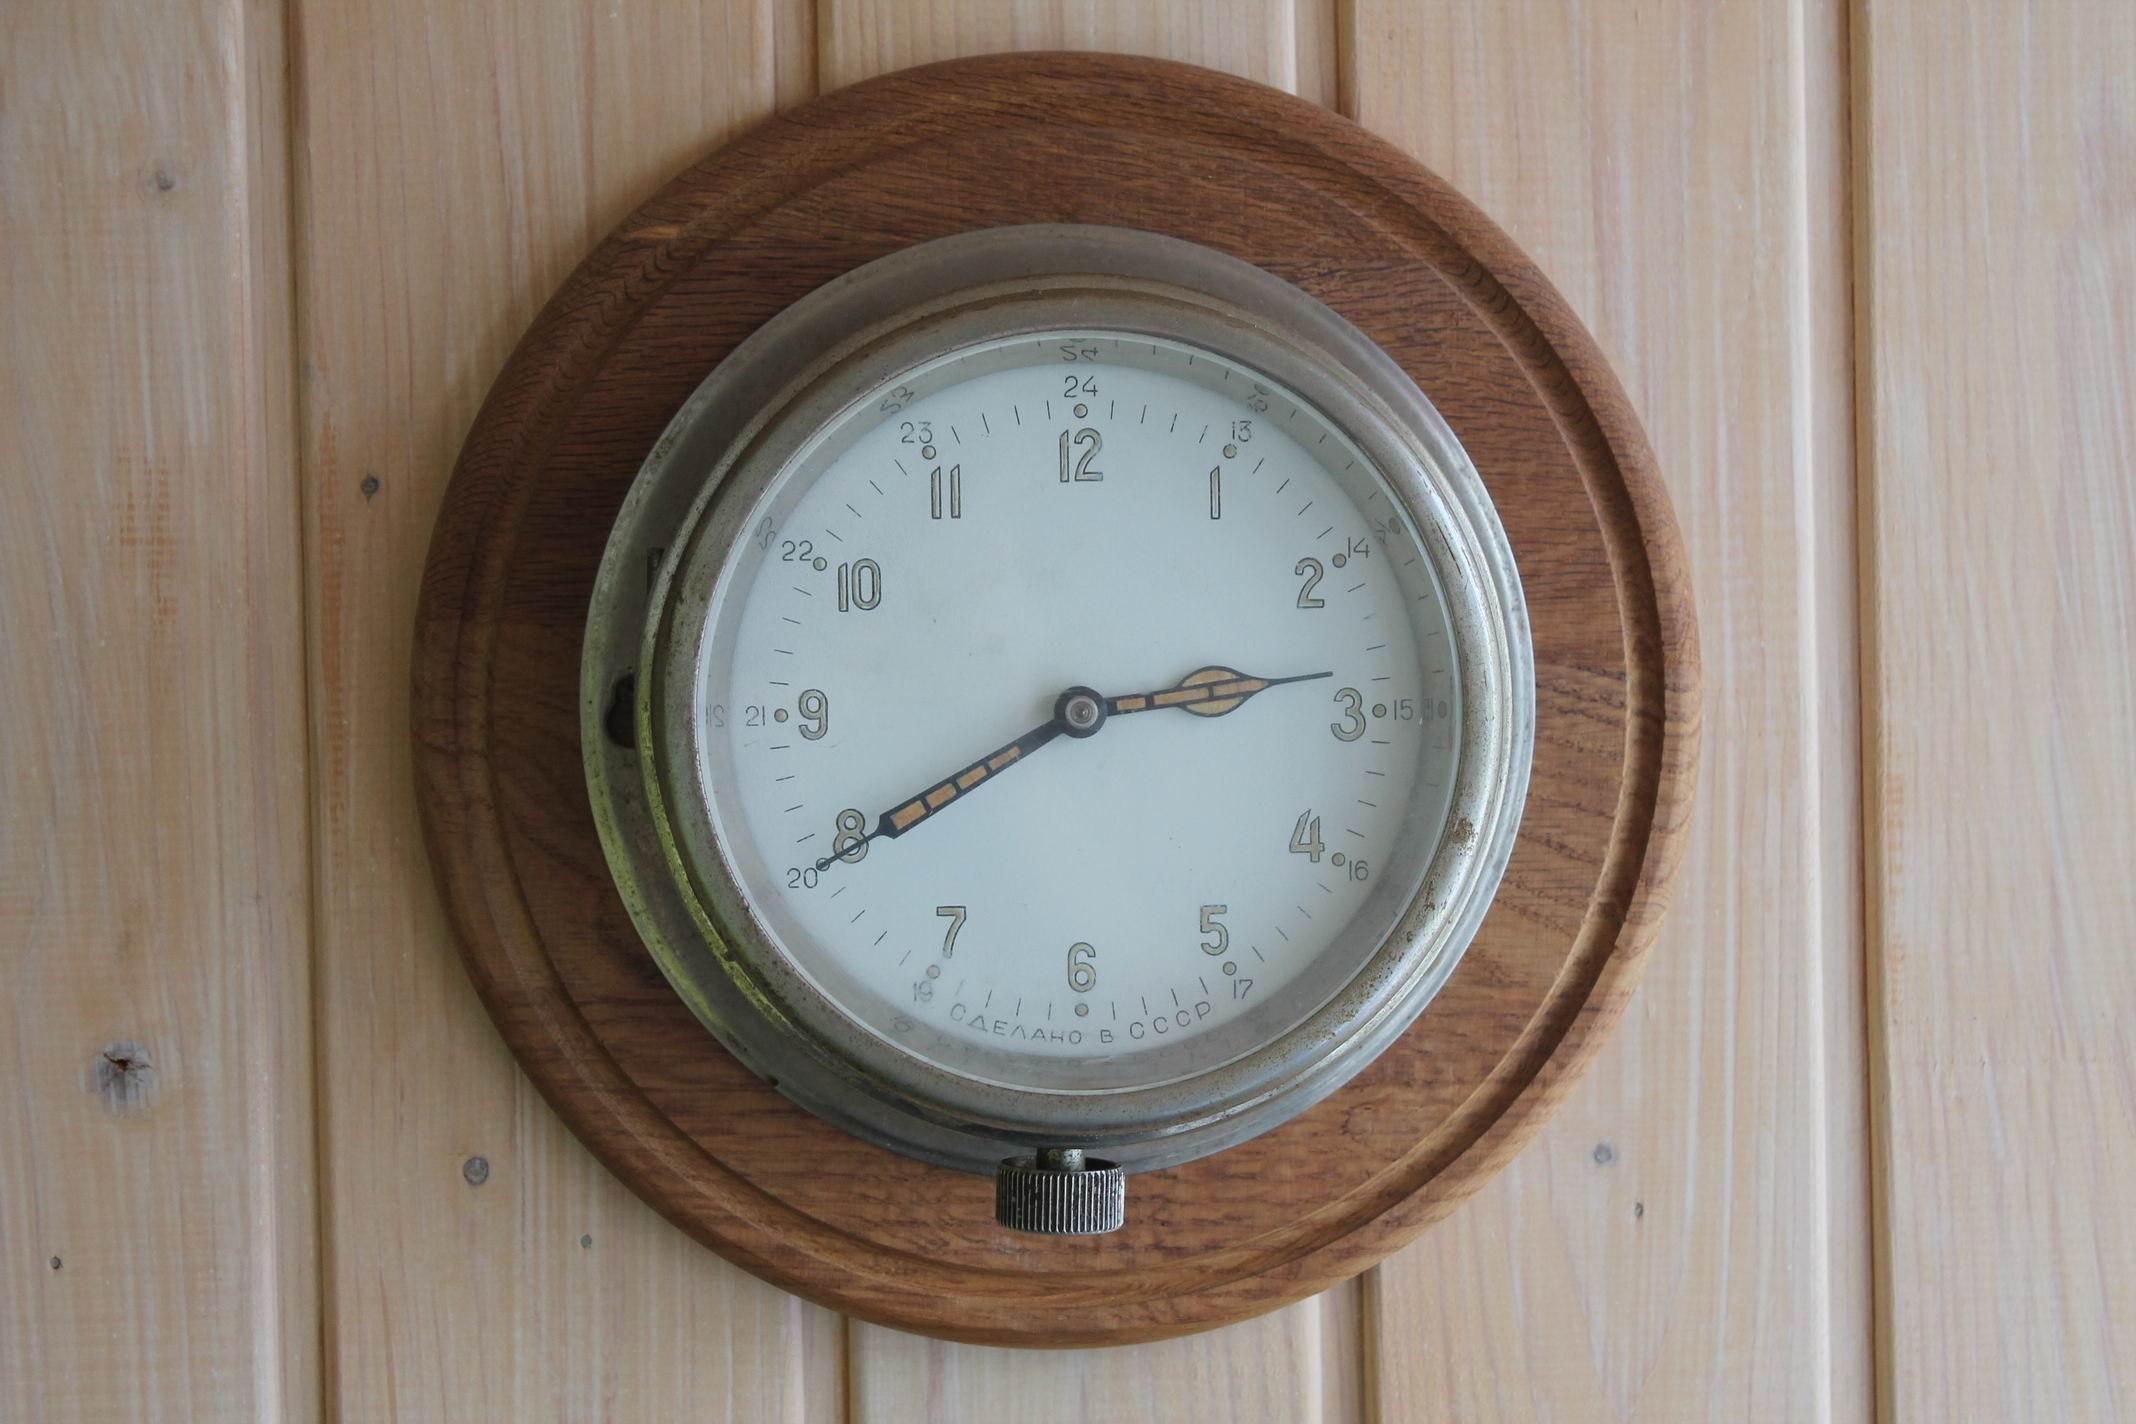 ЧМ (часы морские). 1955 год